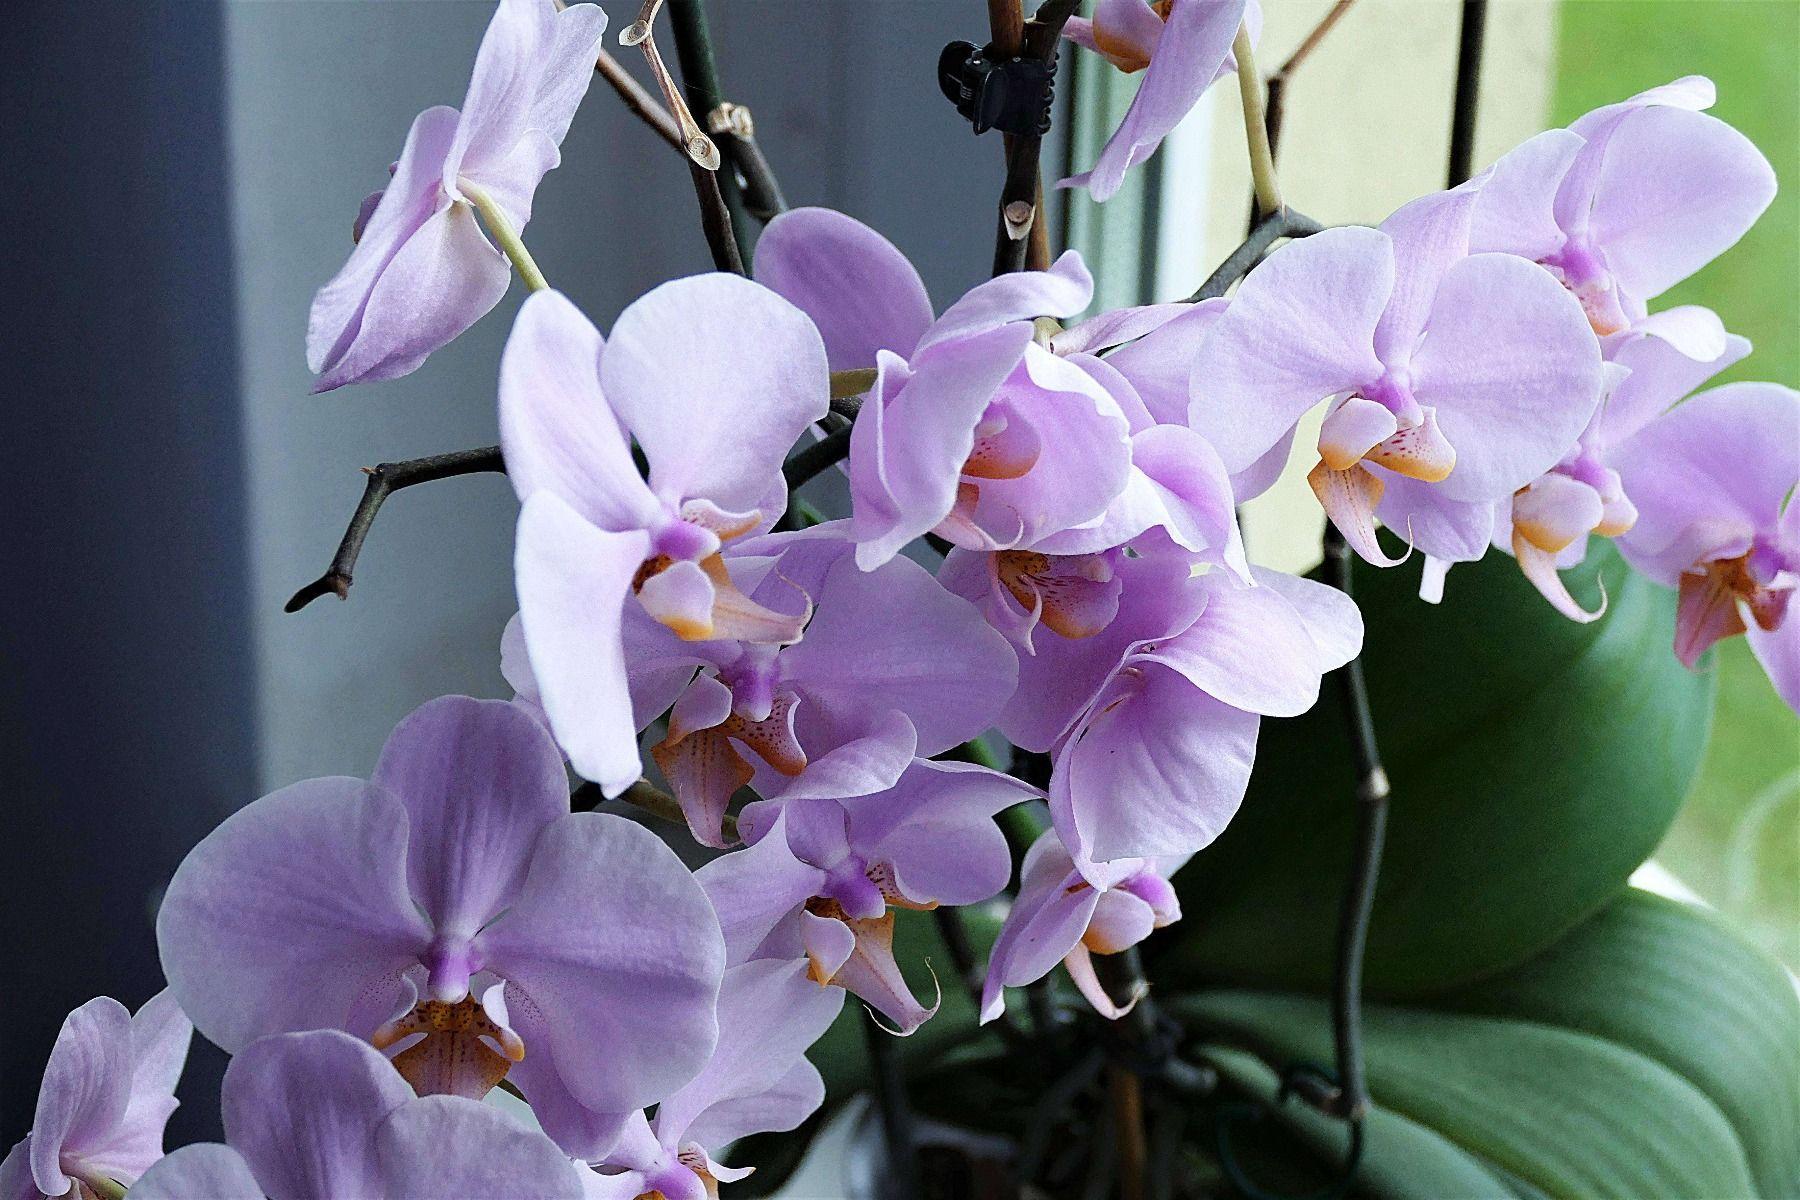 Variete Orchidee En 2020 Orchidee Arrosage Des Orchidees Culture Des Orchidees